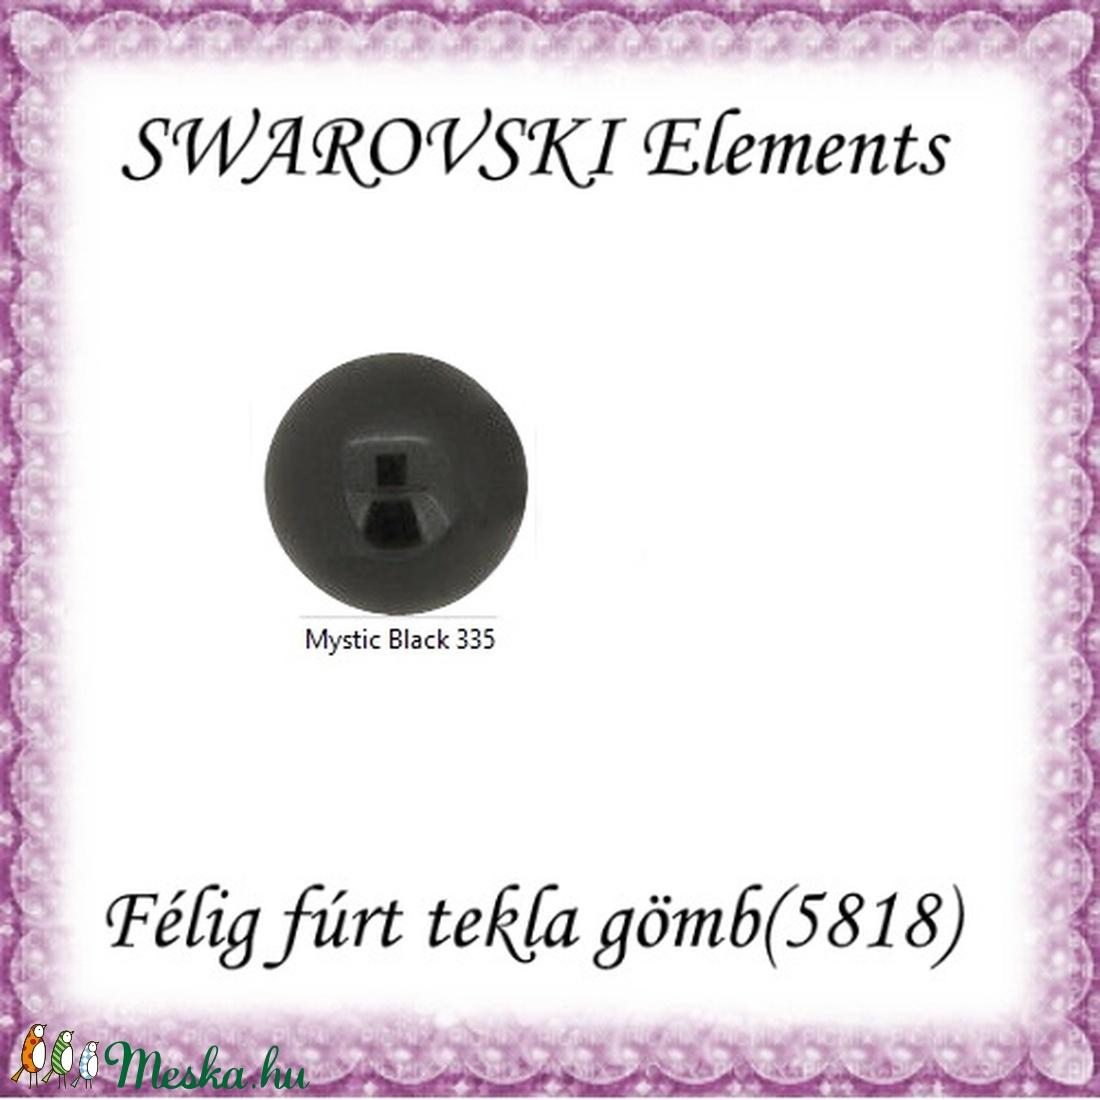 Ékszerkellék: Swarovski félig fúrt tekla gömb 12mm-es - gyöngy, ékszerkellék - swarovski kristályok - Meska.hu